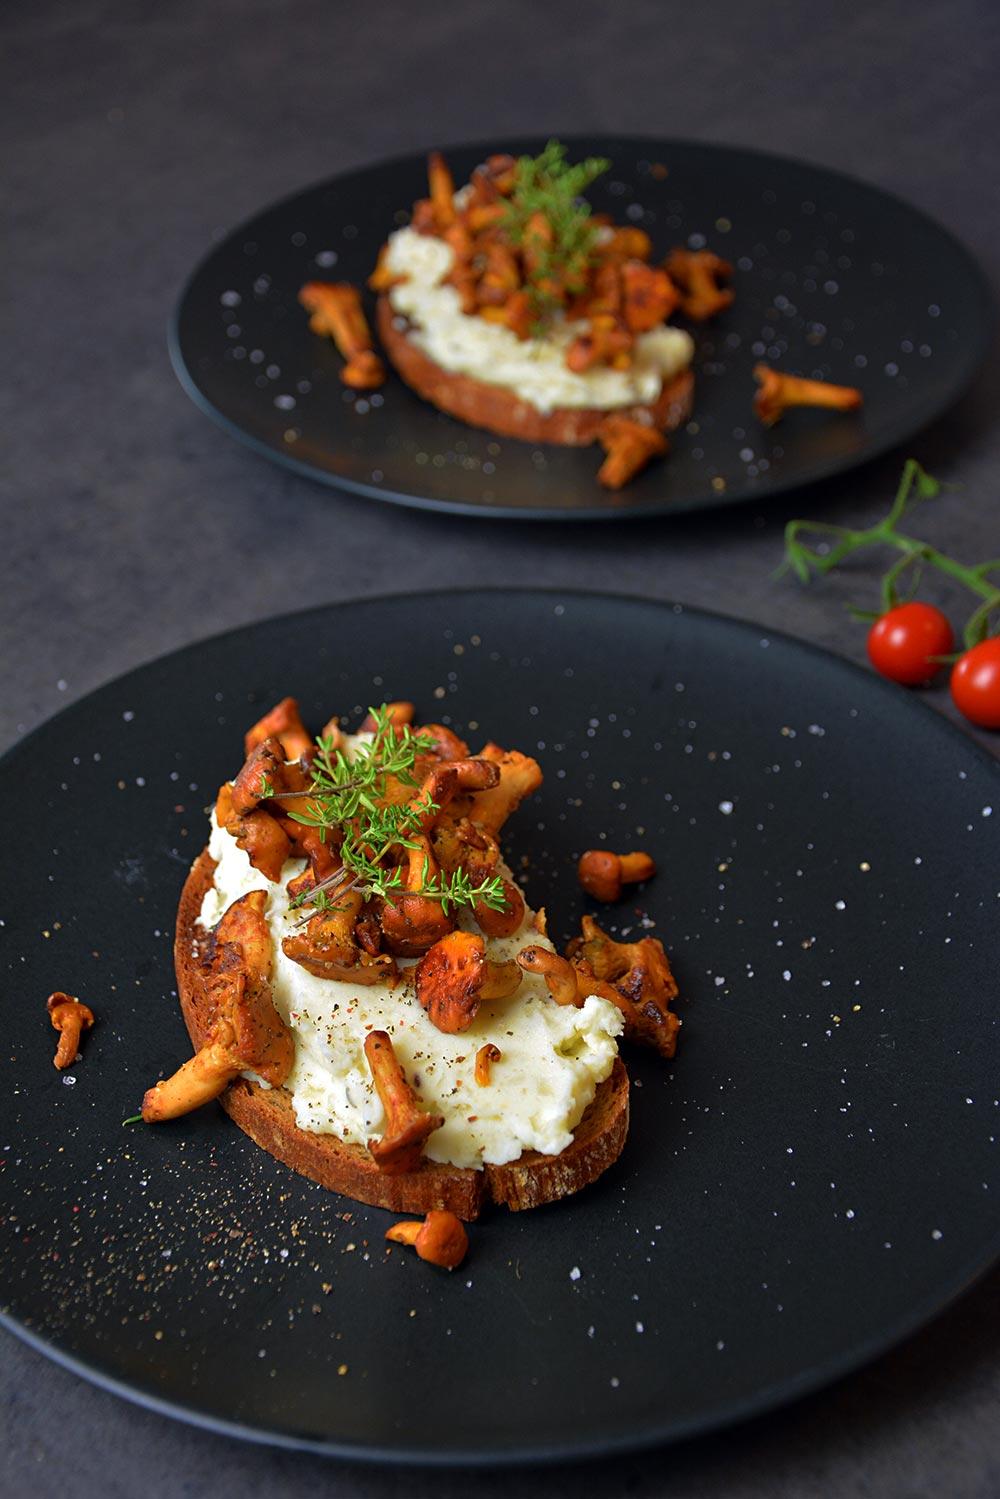 Rezept für einfache Eierschwammerl mit Erdäpfelkäse. Ein tolles Abendessen für die ganze Familie. Mit wenigen Handgriffen sogar vegan.